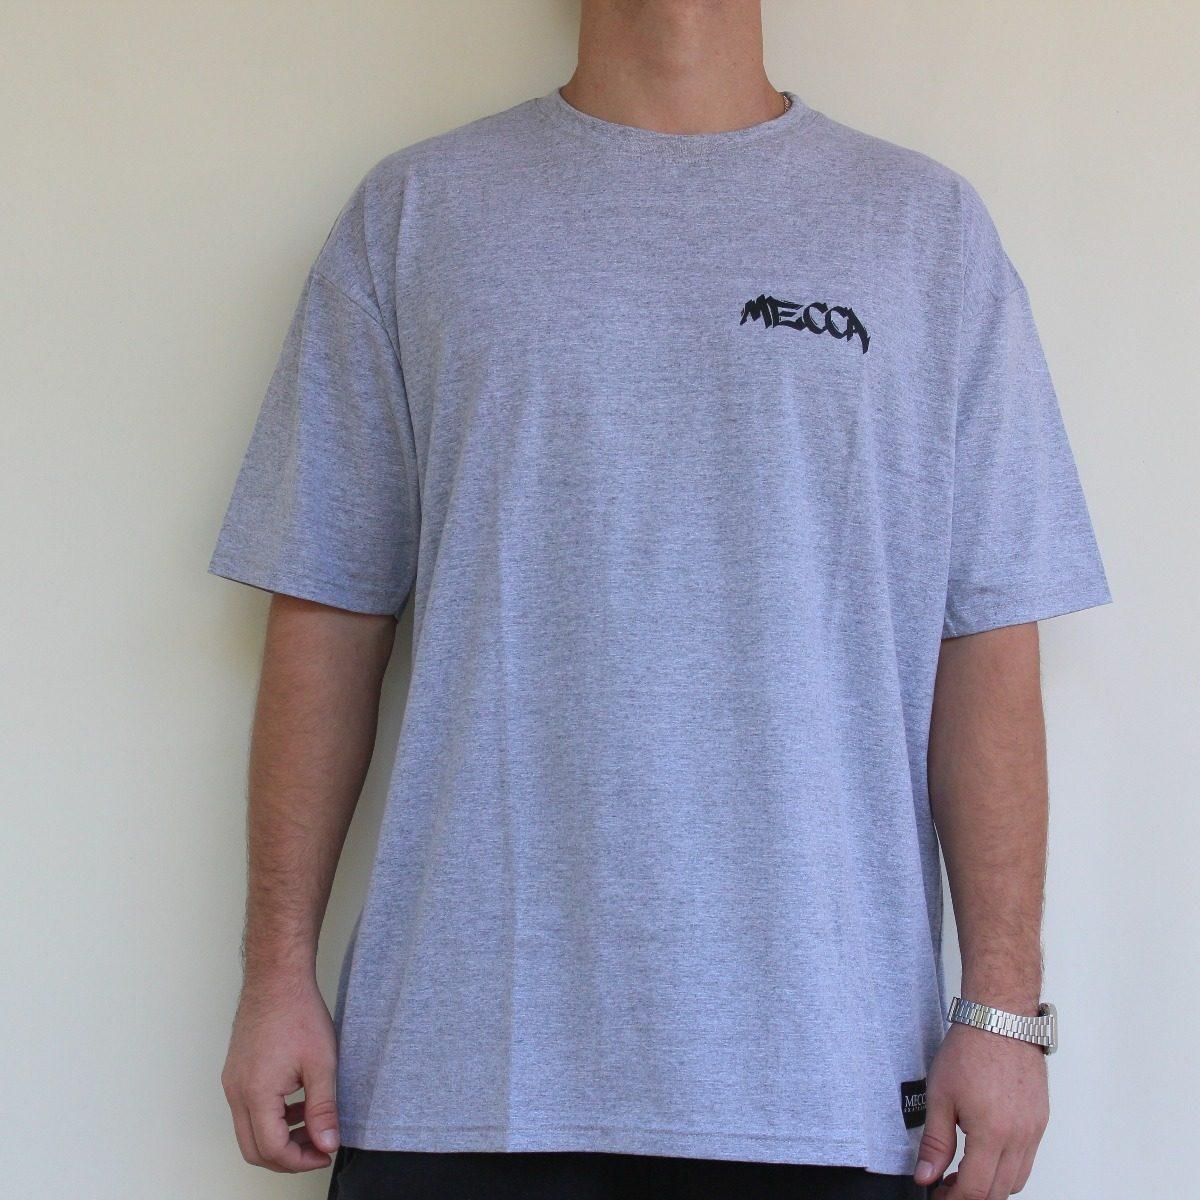 483f5d4641 Camiseta Tamanho Grande Manga Curta Mecca - R$ 44,90 em Mercado Livre